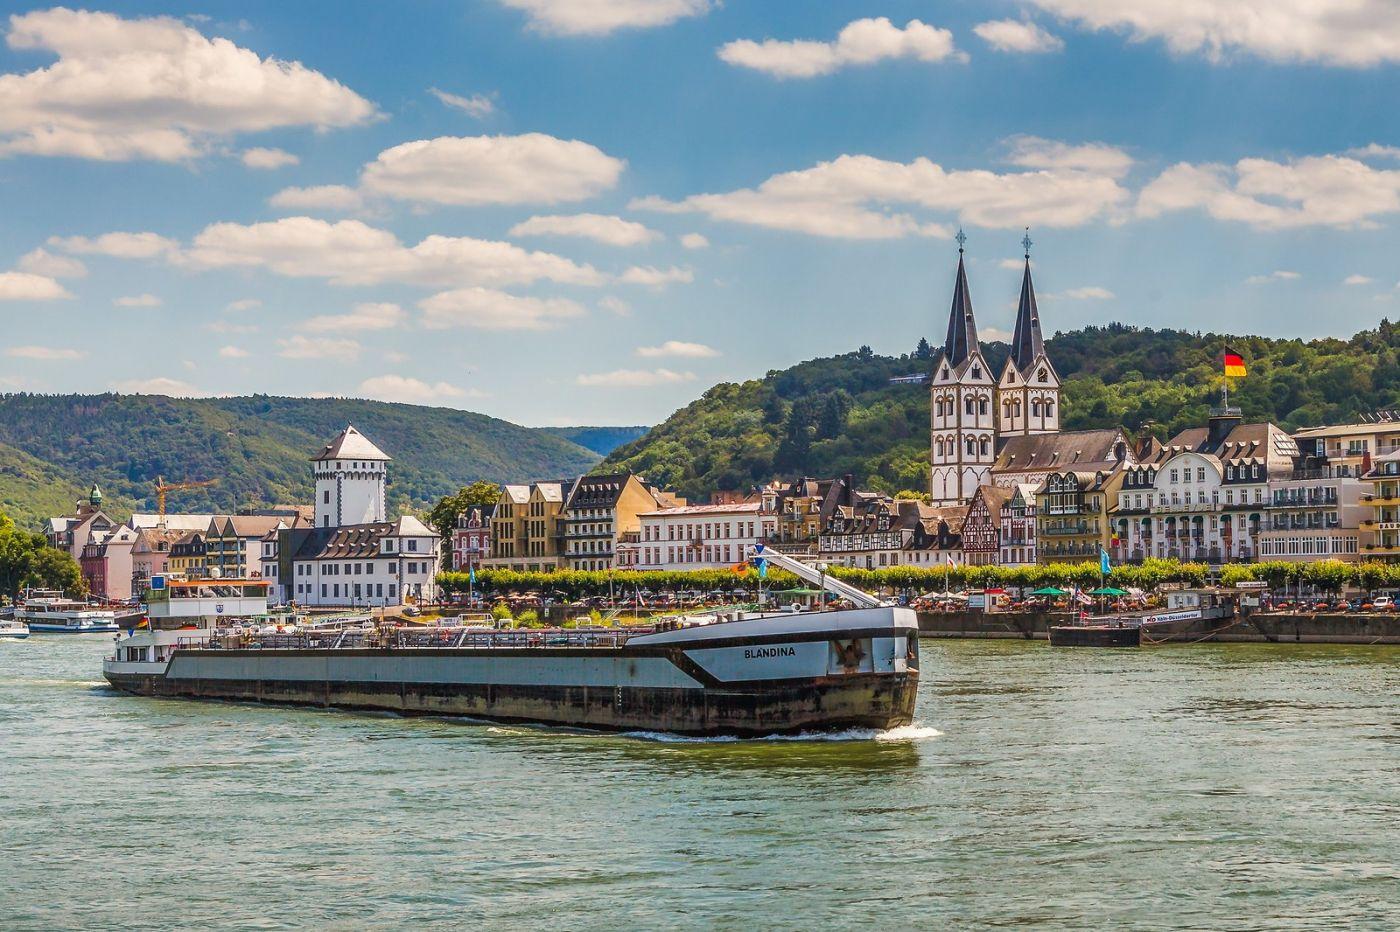 畅游莱茵河,游船商船另一道景_图1-23